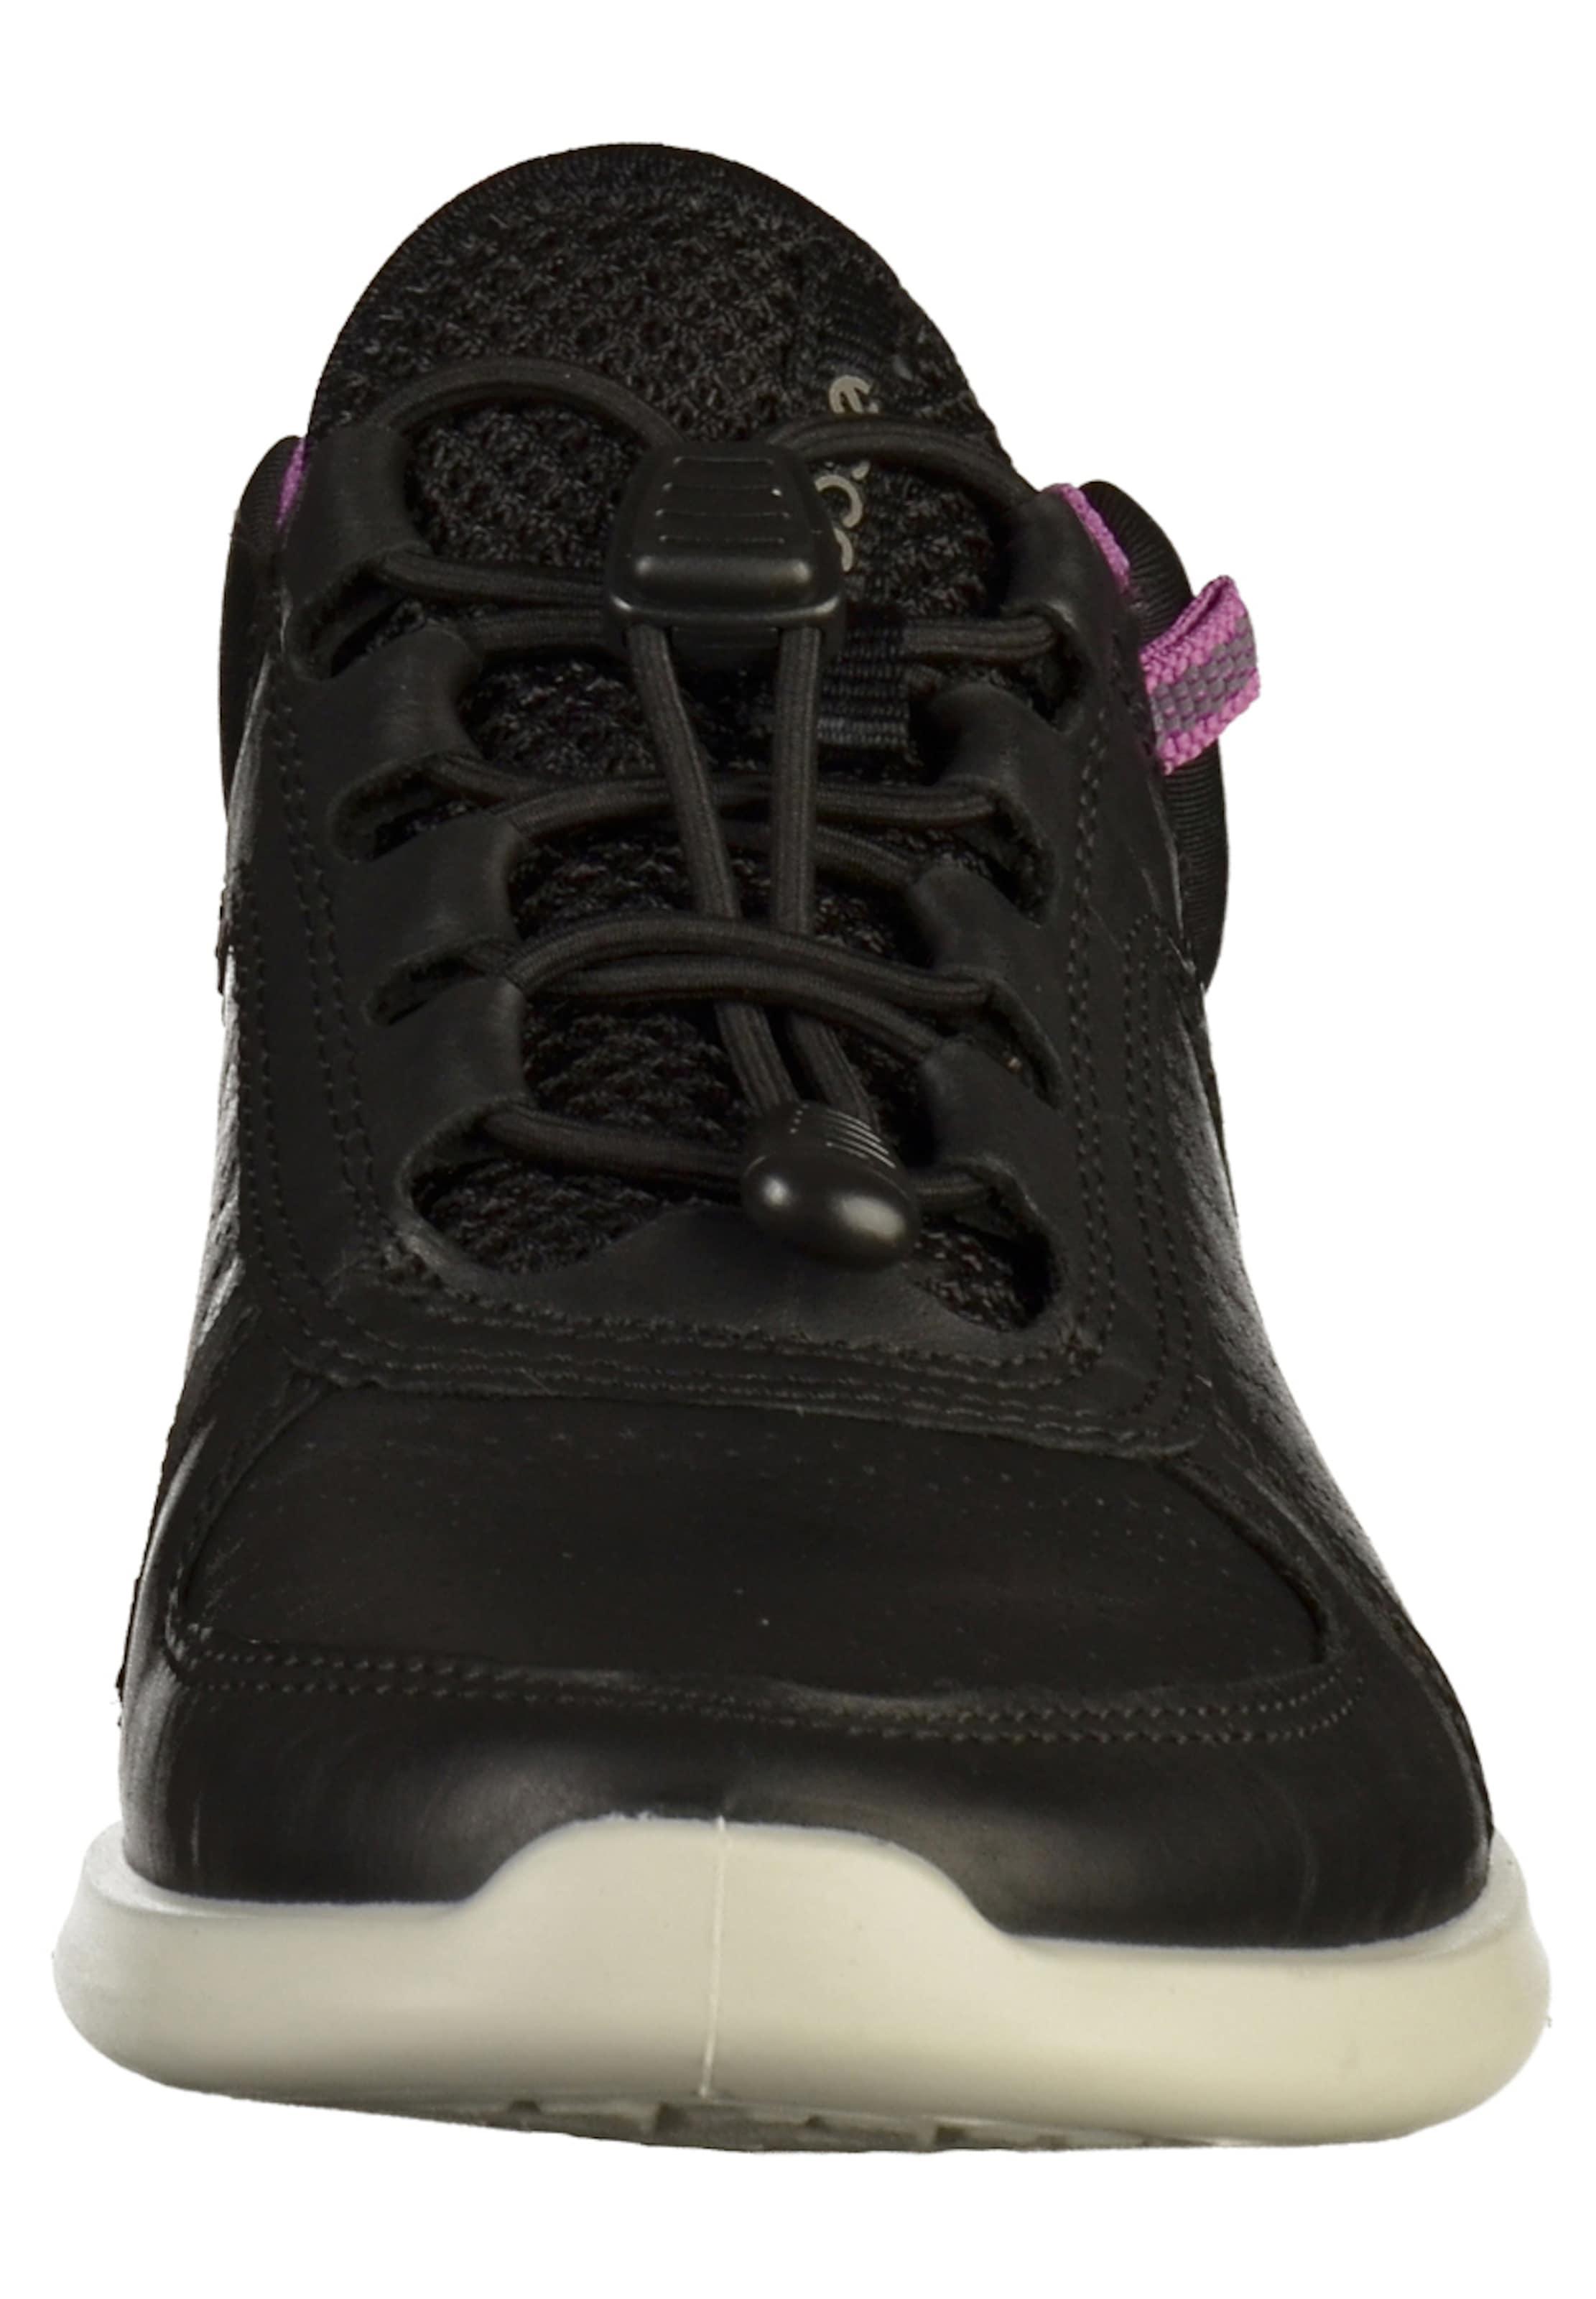 ECCO Sneaker Ebay Günstig Online Preise Günstiger Preis Vermarktbare Verkauf Online Freies Verschiffen Perfekt Freies Verschiffen Browse tihCrtM